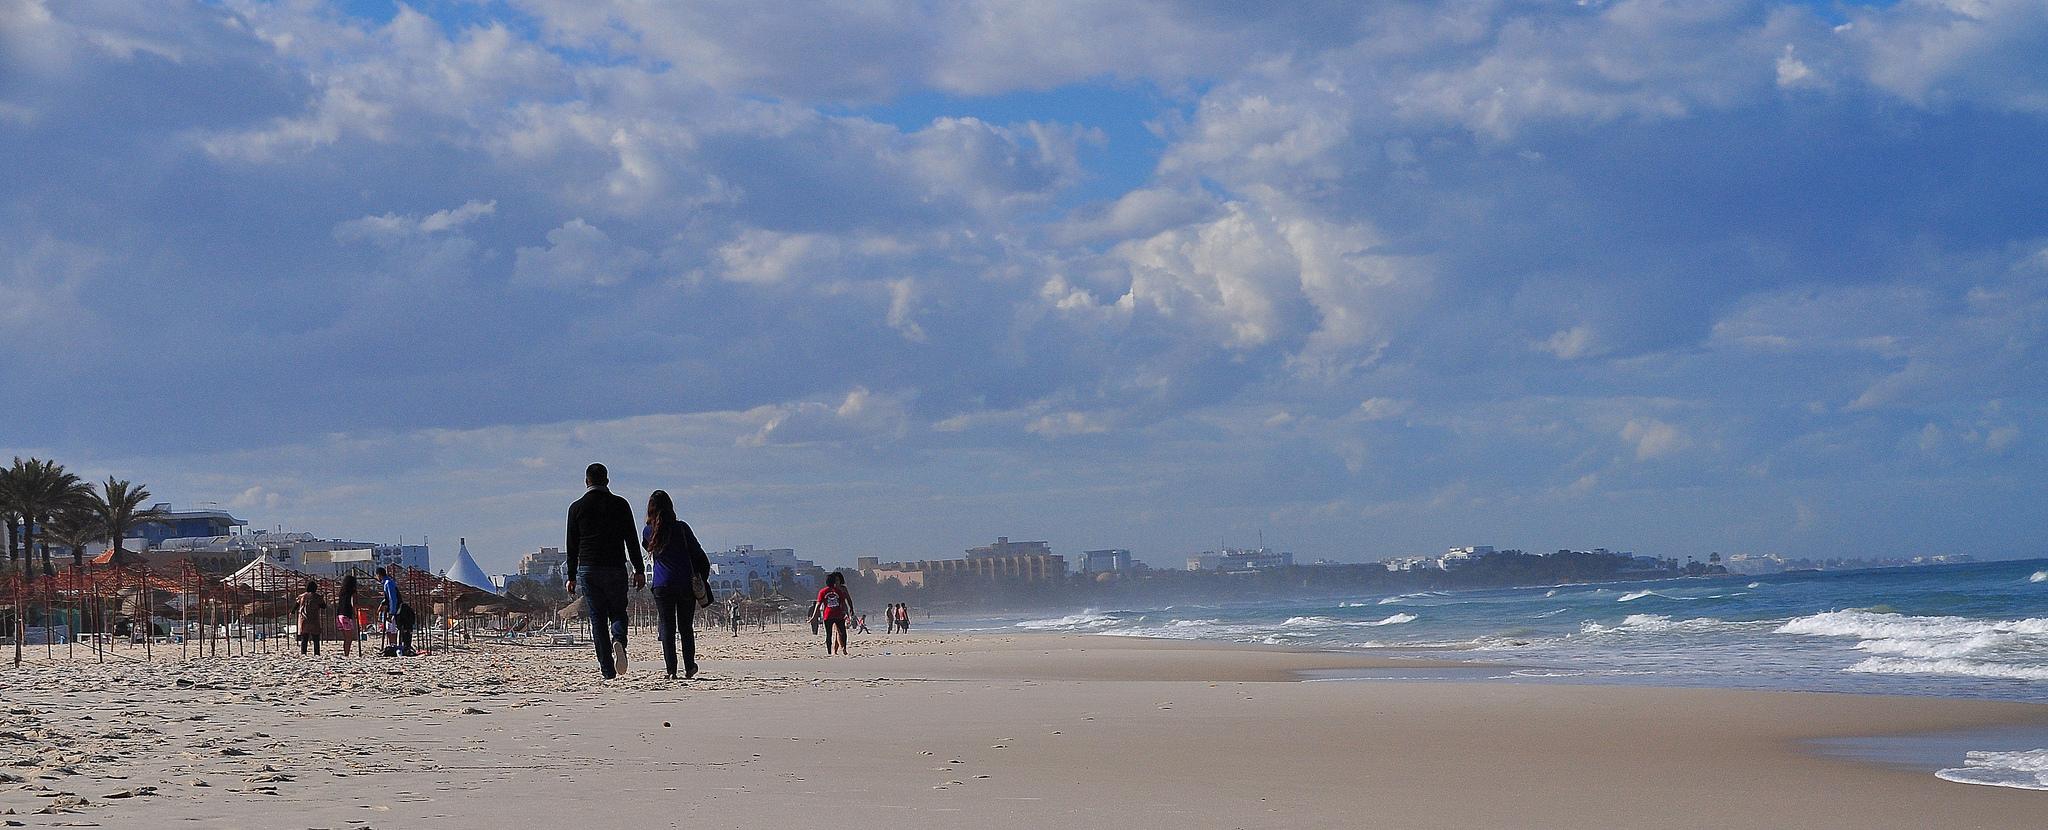 Une plage de Sousse, Tunisie. Crédit R. Gj / Flickr